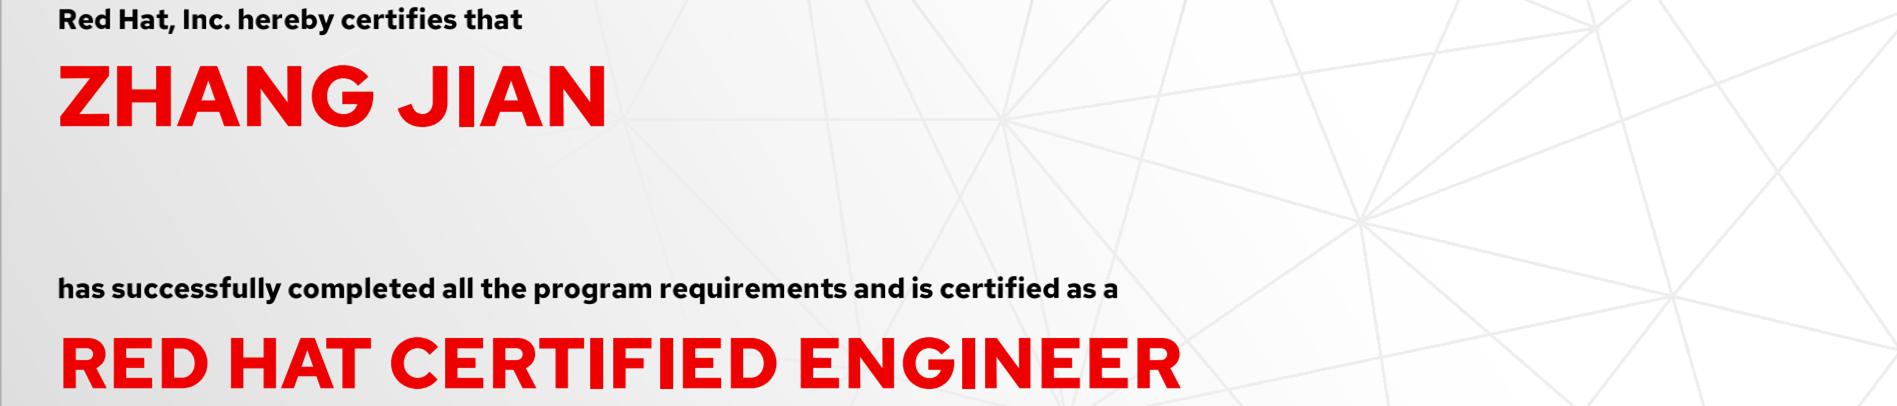 捷讯:张建5月24日北京顺利通过RHCE认证。